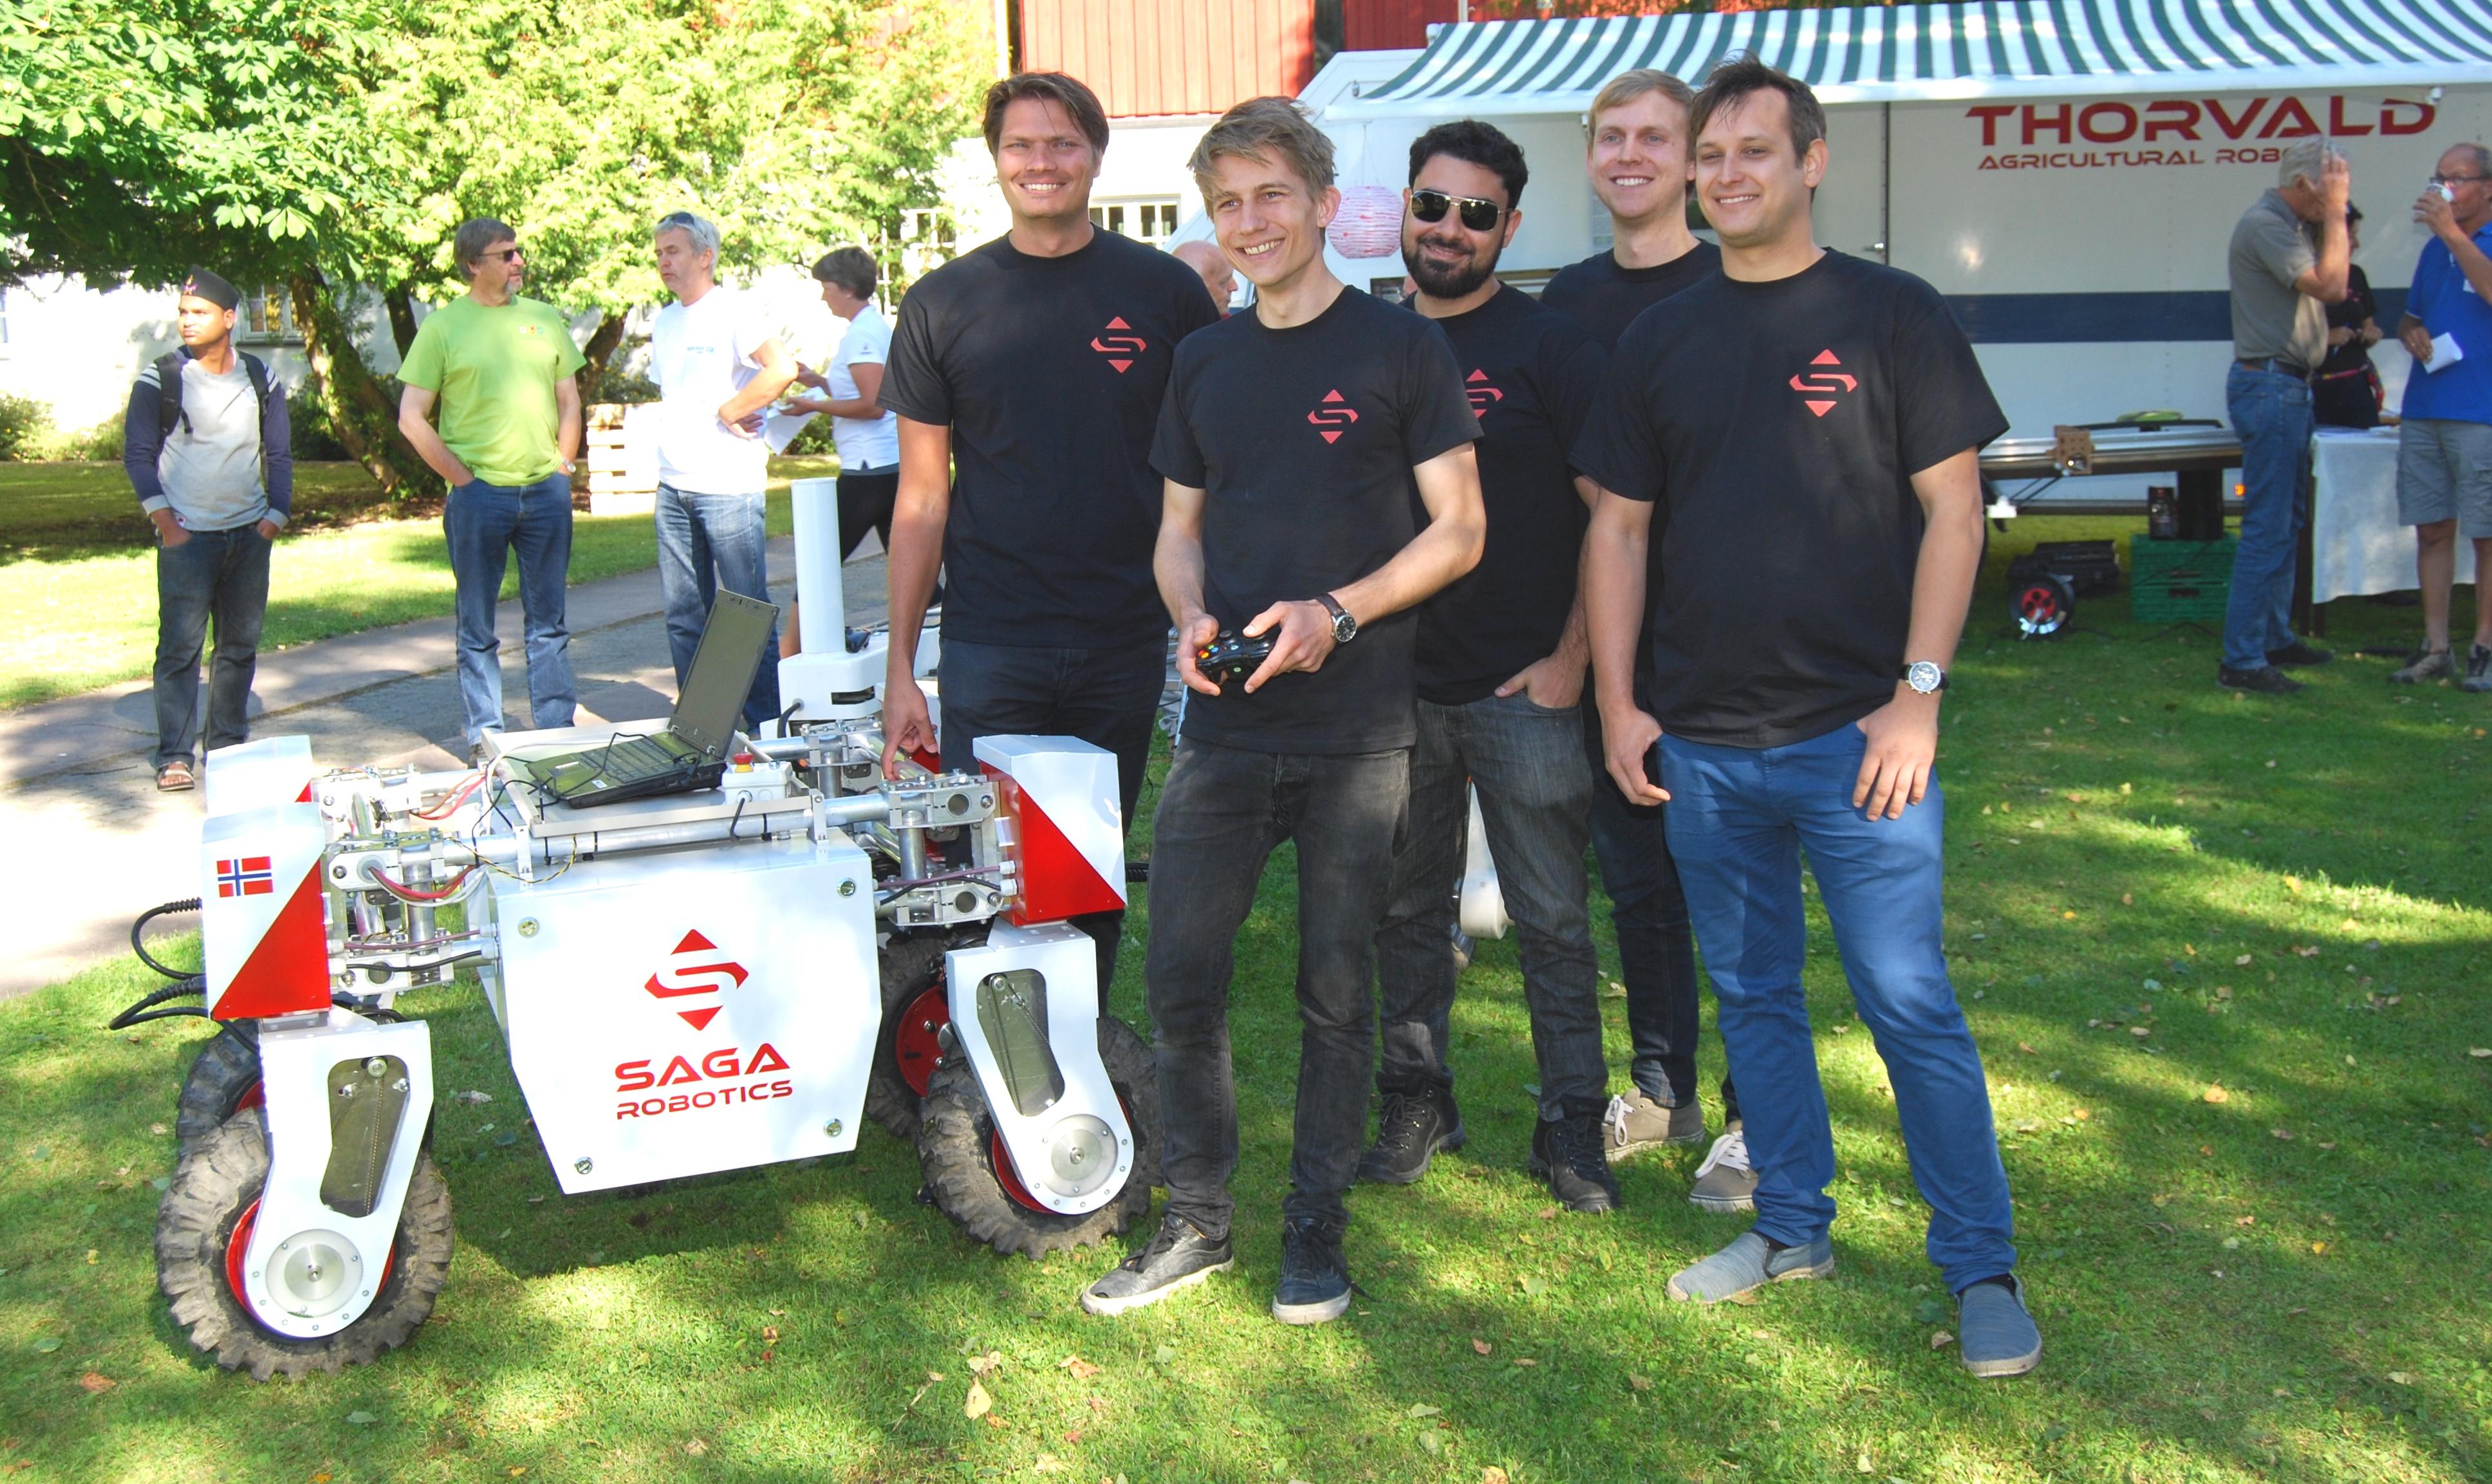 NMBU-teamet med Thorvald II, fra venstre: Pål Johan From, Lars Grimstad, Marco Xaud, Erling Bjurbeck og Øystein Sund.